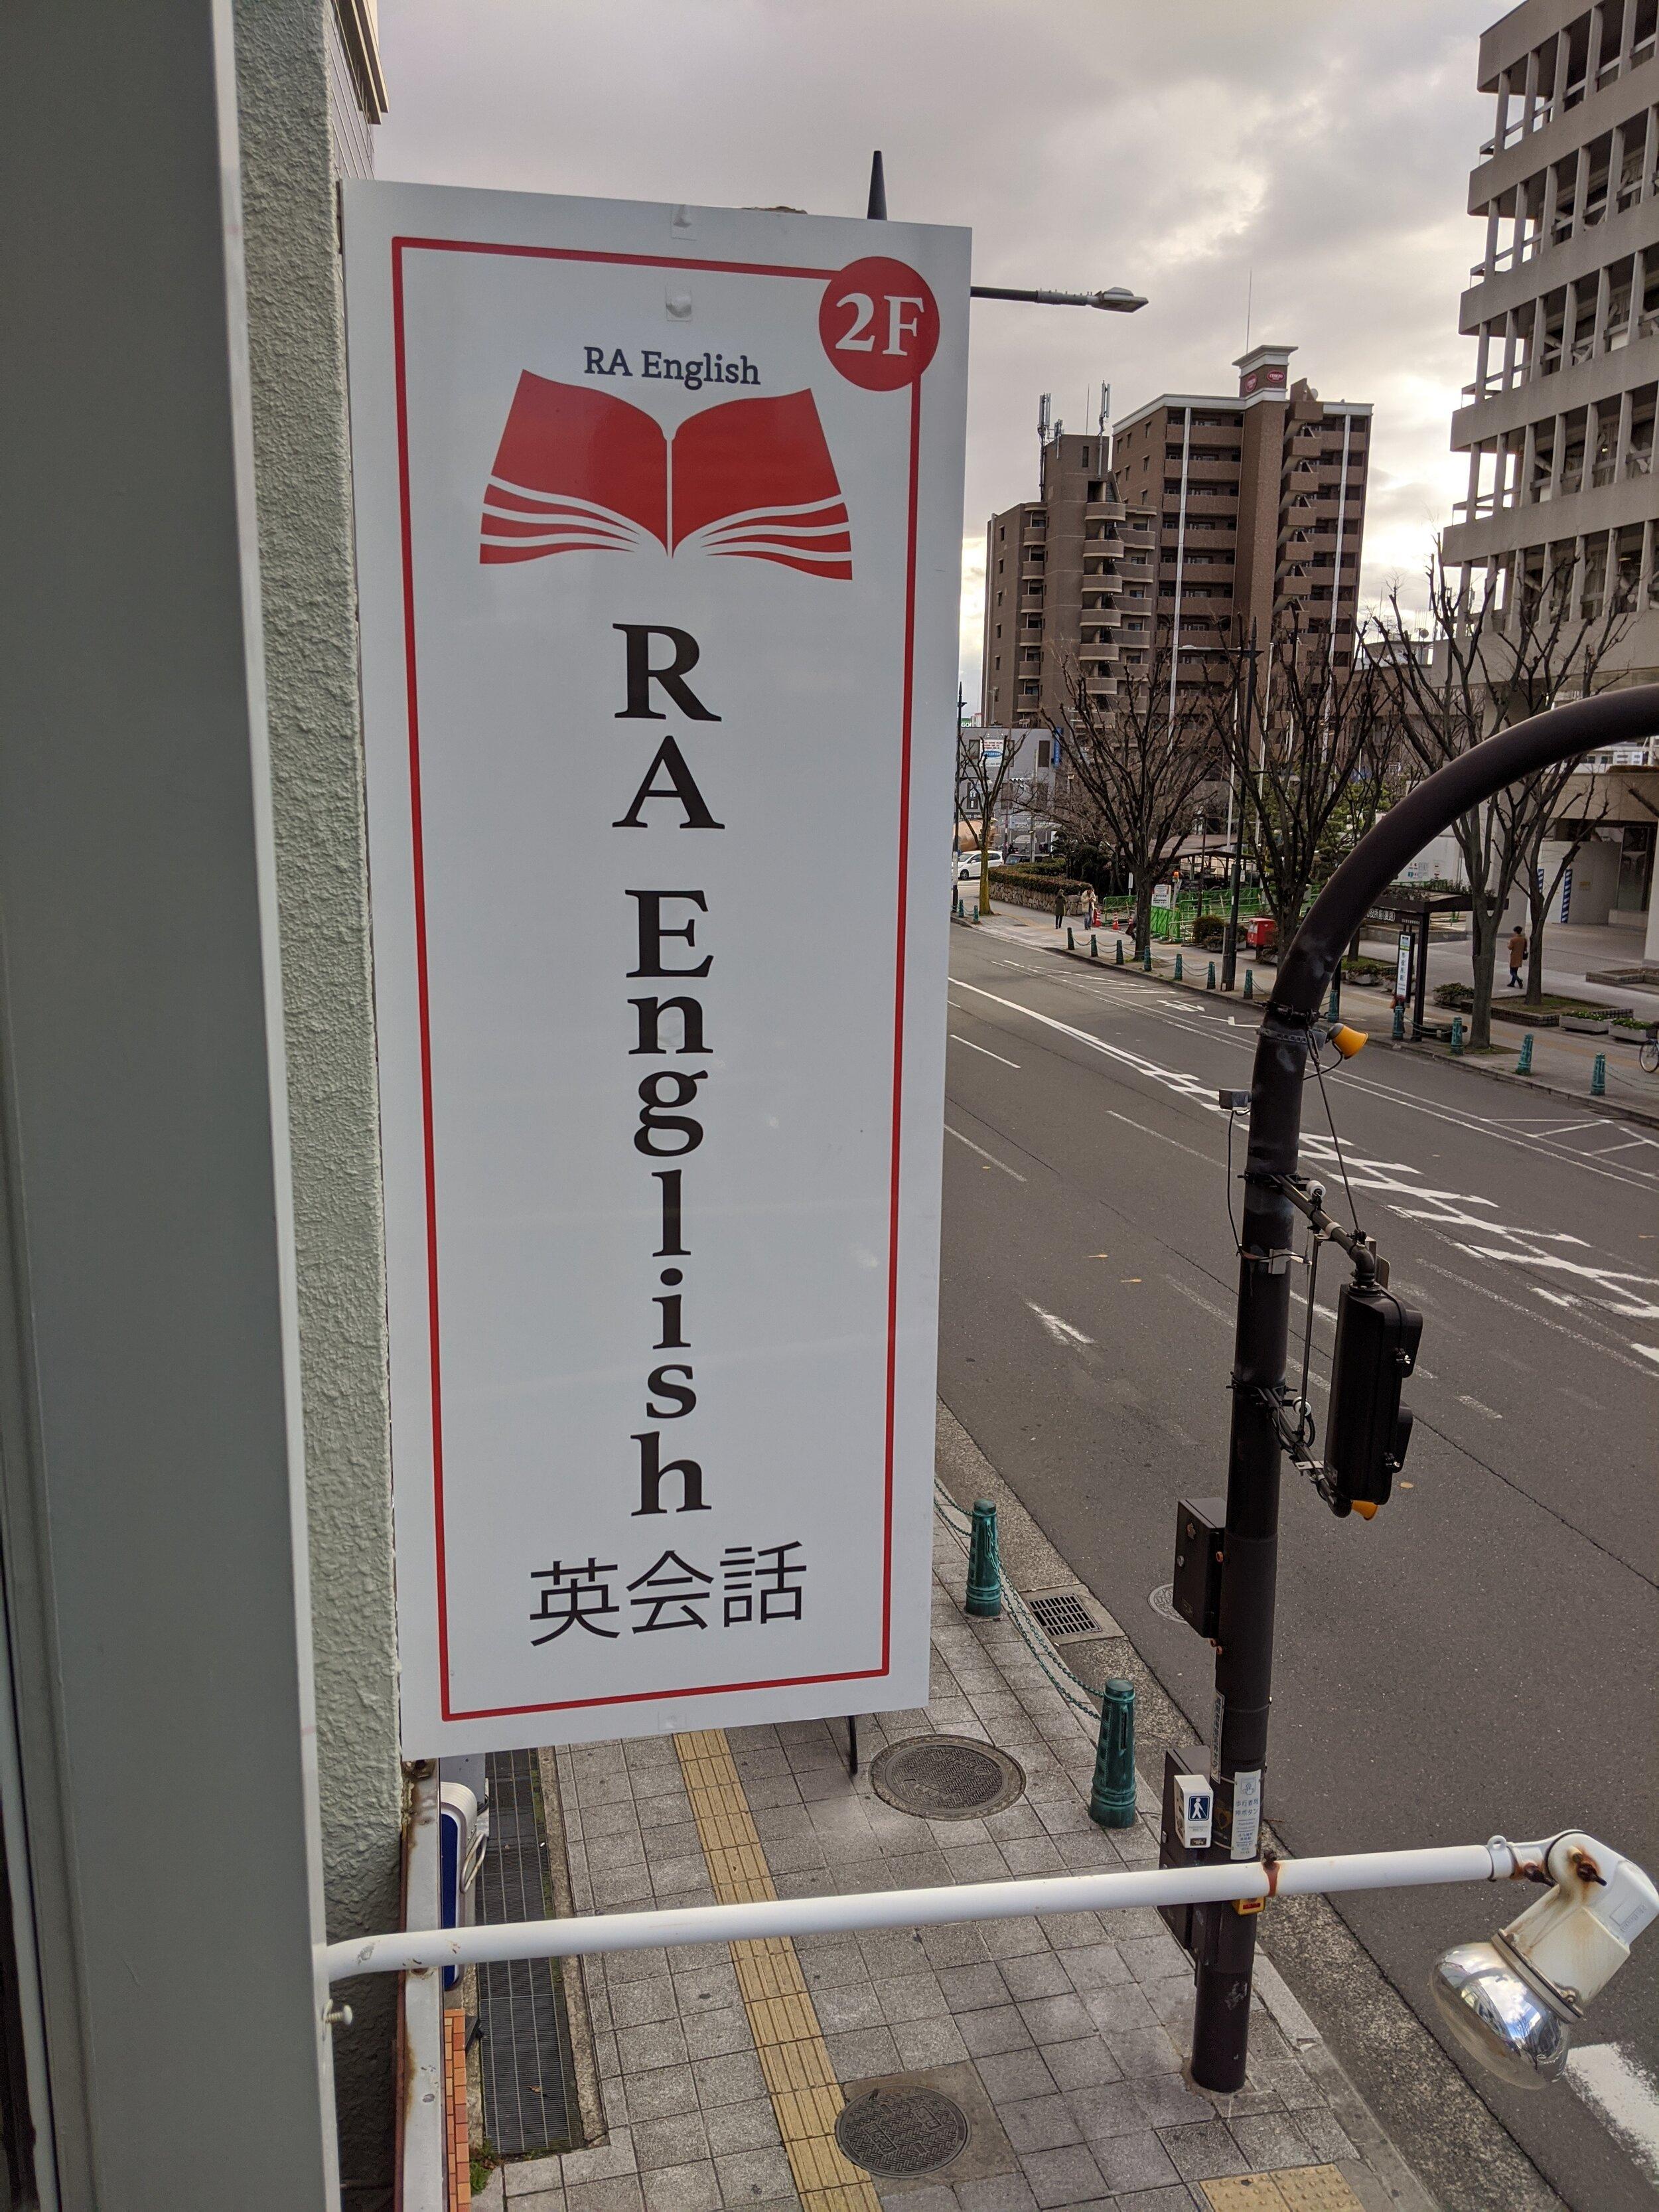 英語 を 勉強 する 理由